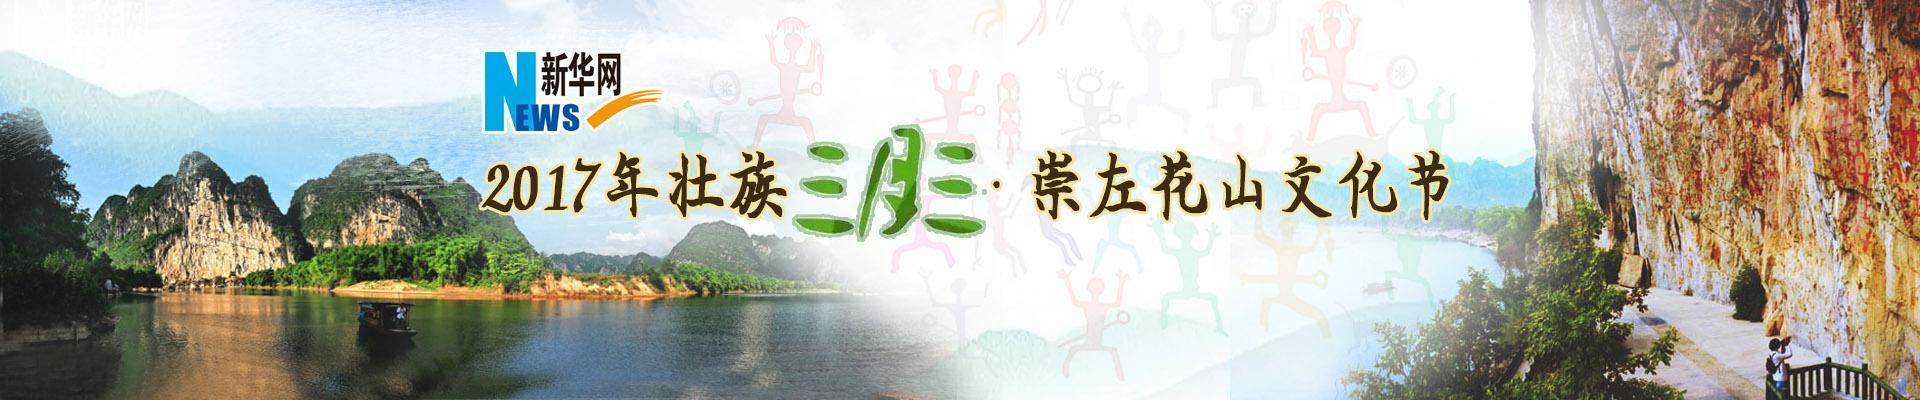 2017年壯族三月三·崇左花山文化節